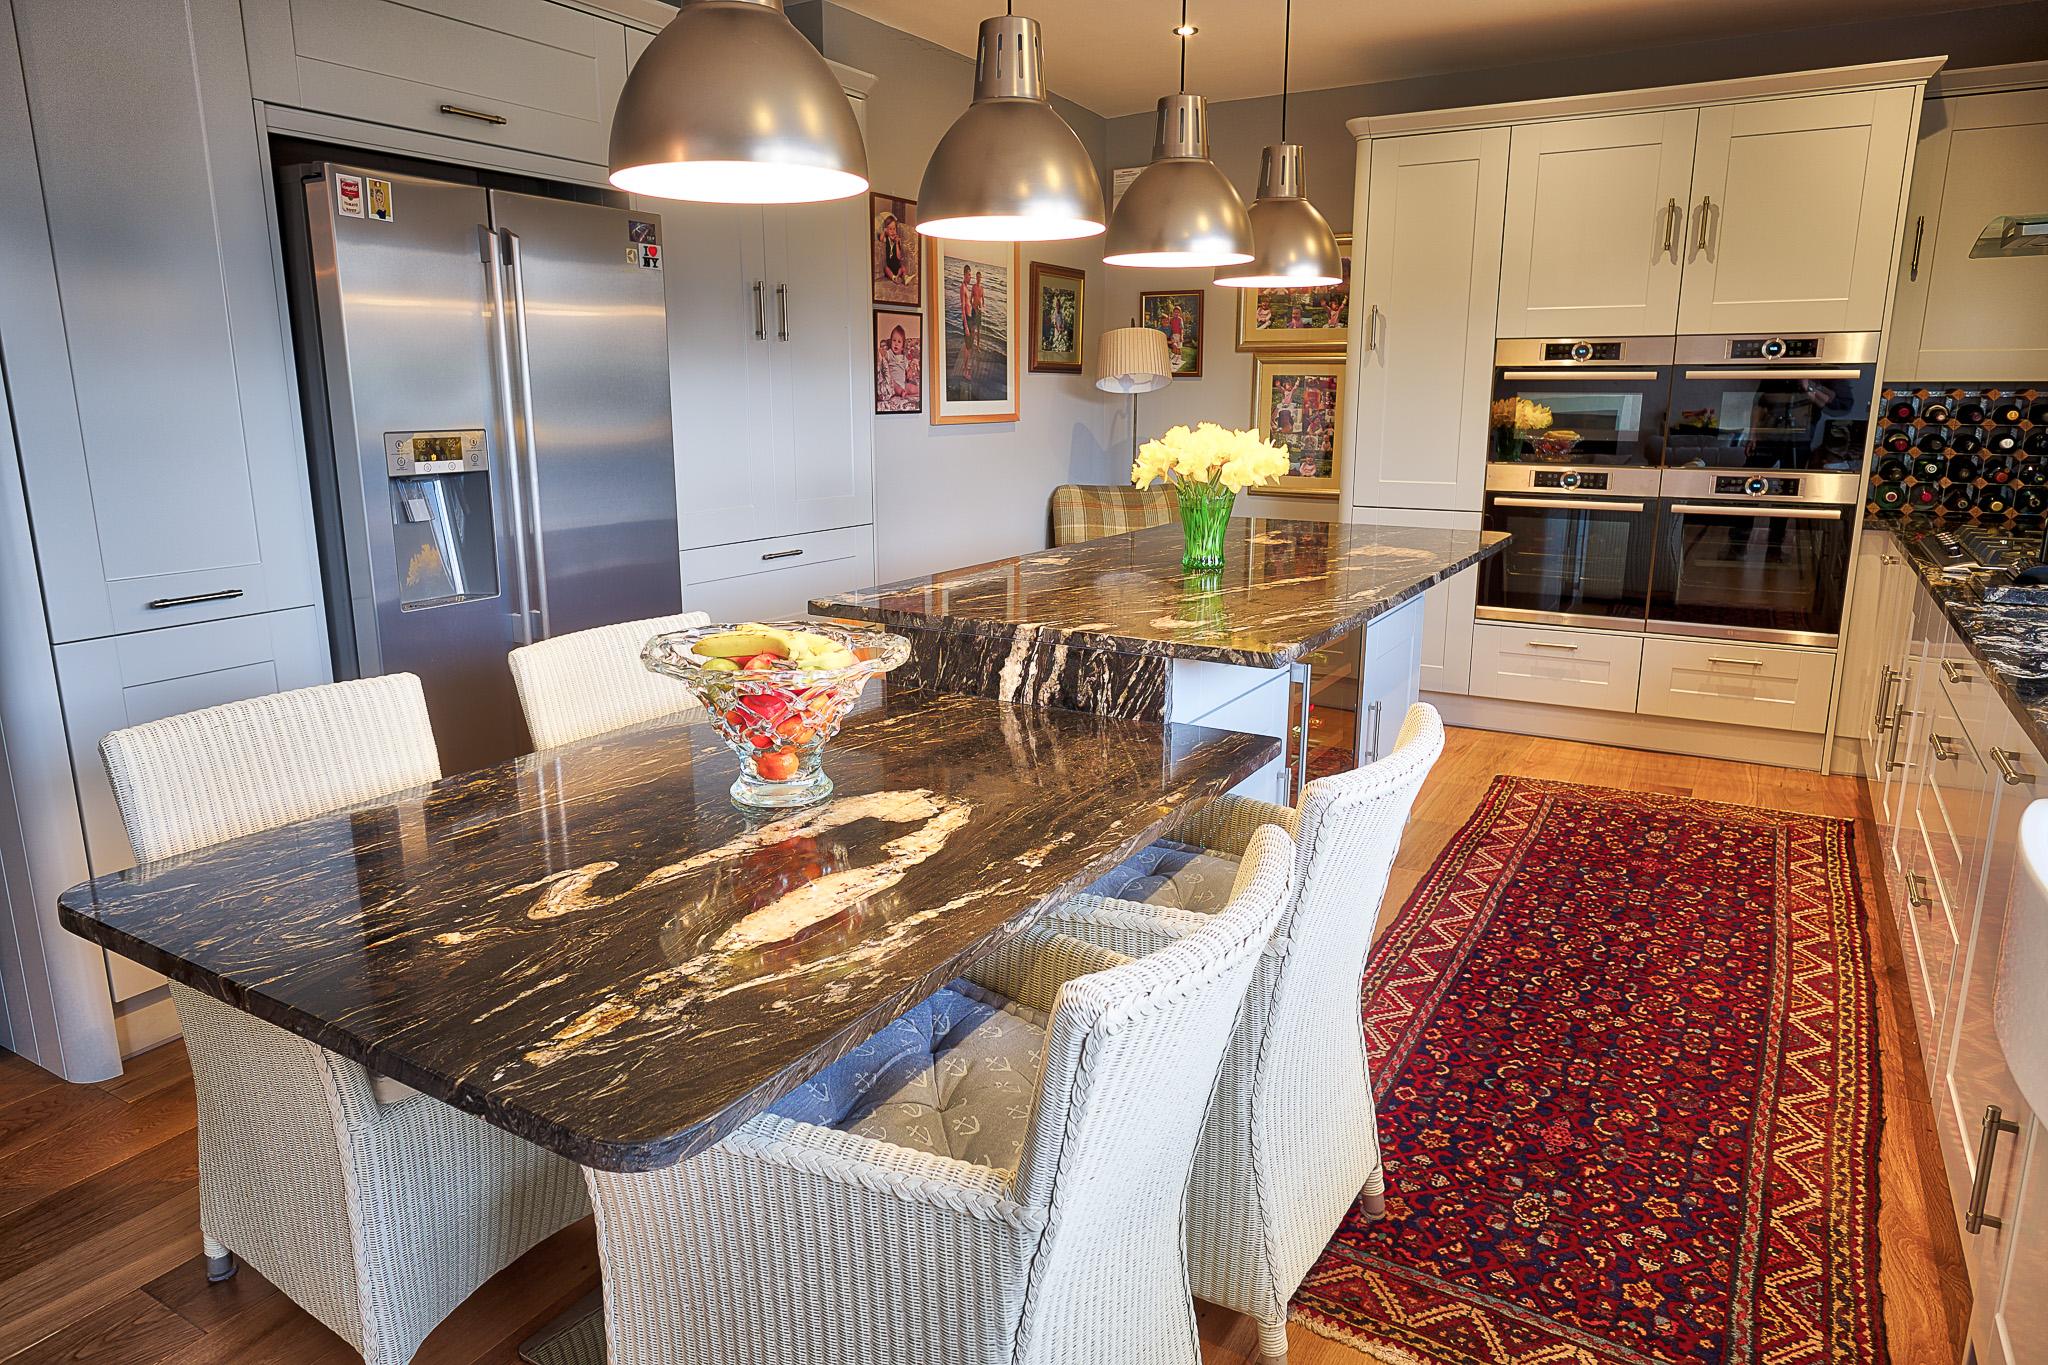 granite worktop - kitchen trends for 2019